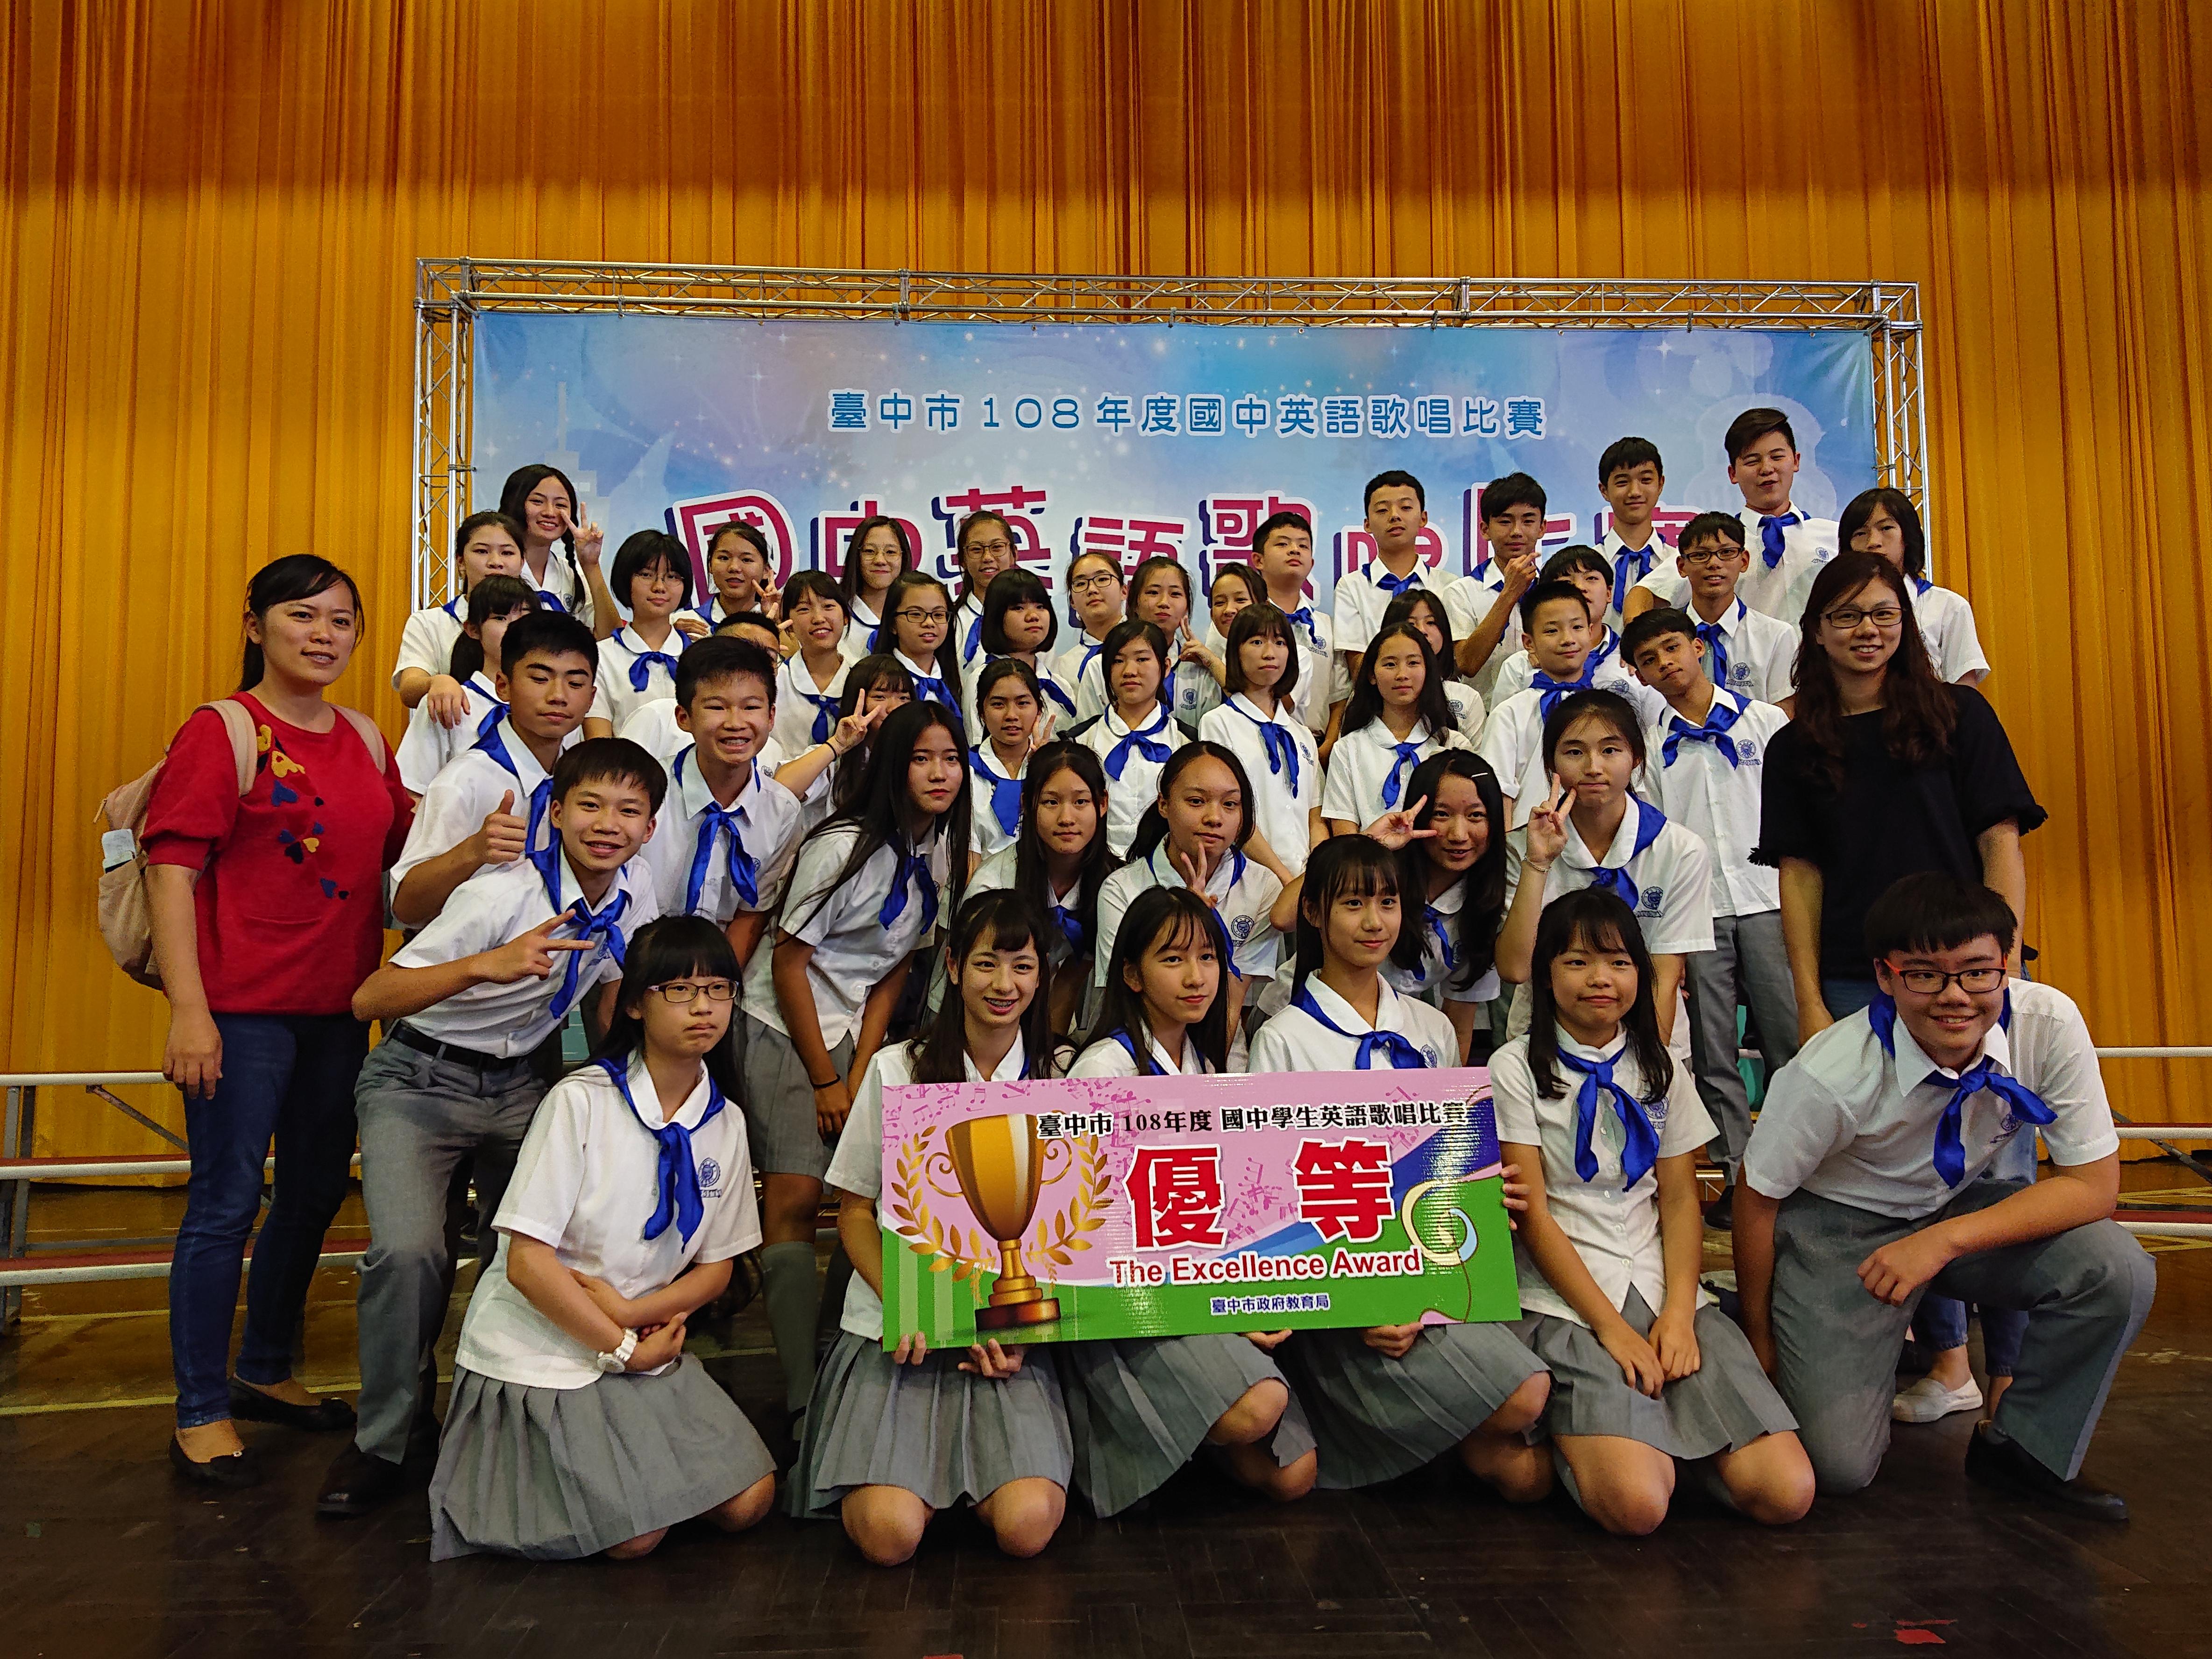 本校國二庚參加臺中市108年度國中英語歌唱比賽榮獲優等